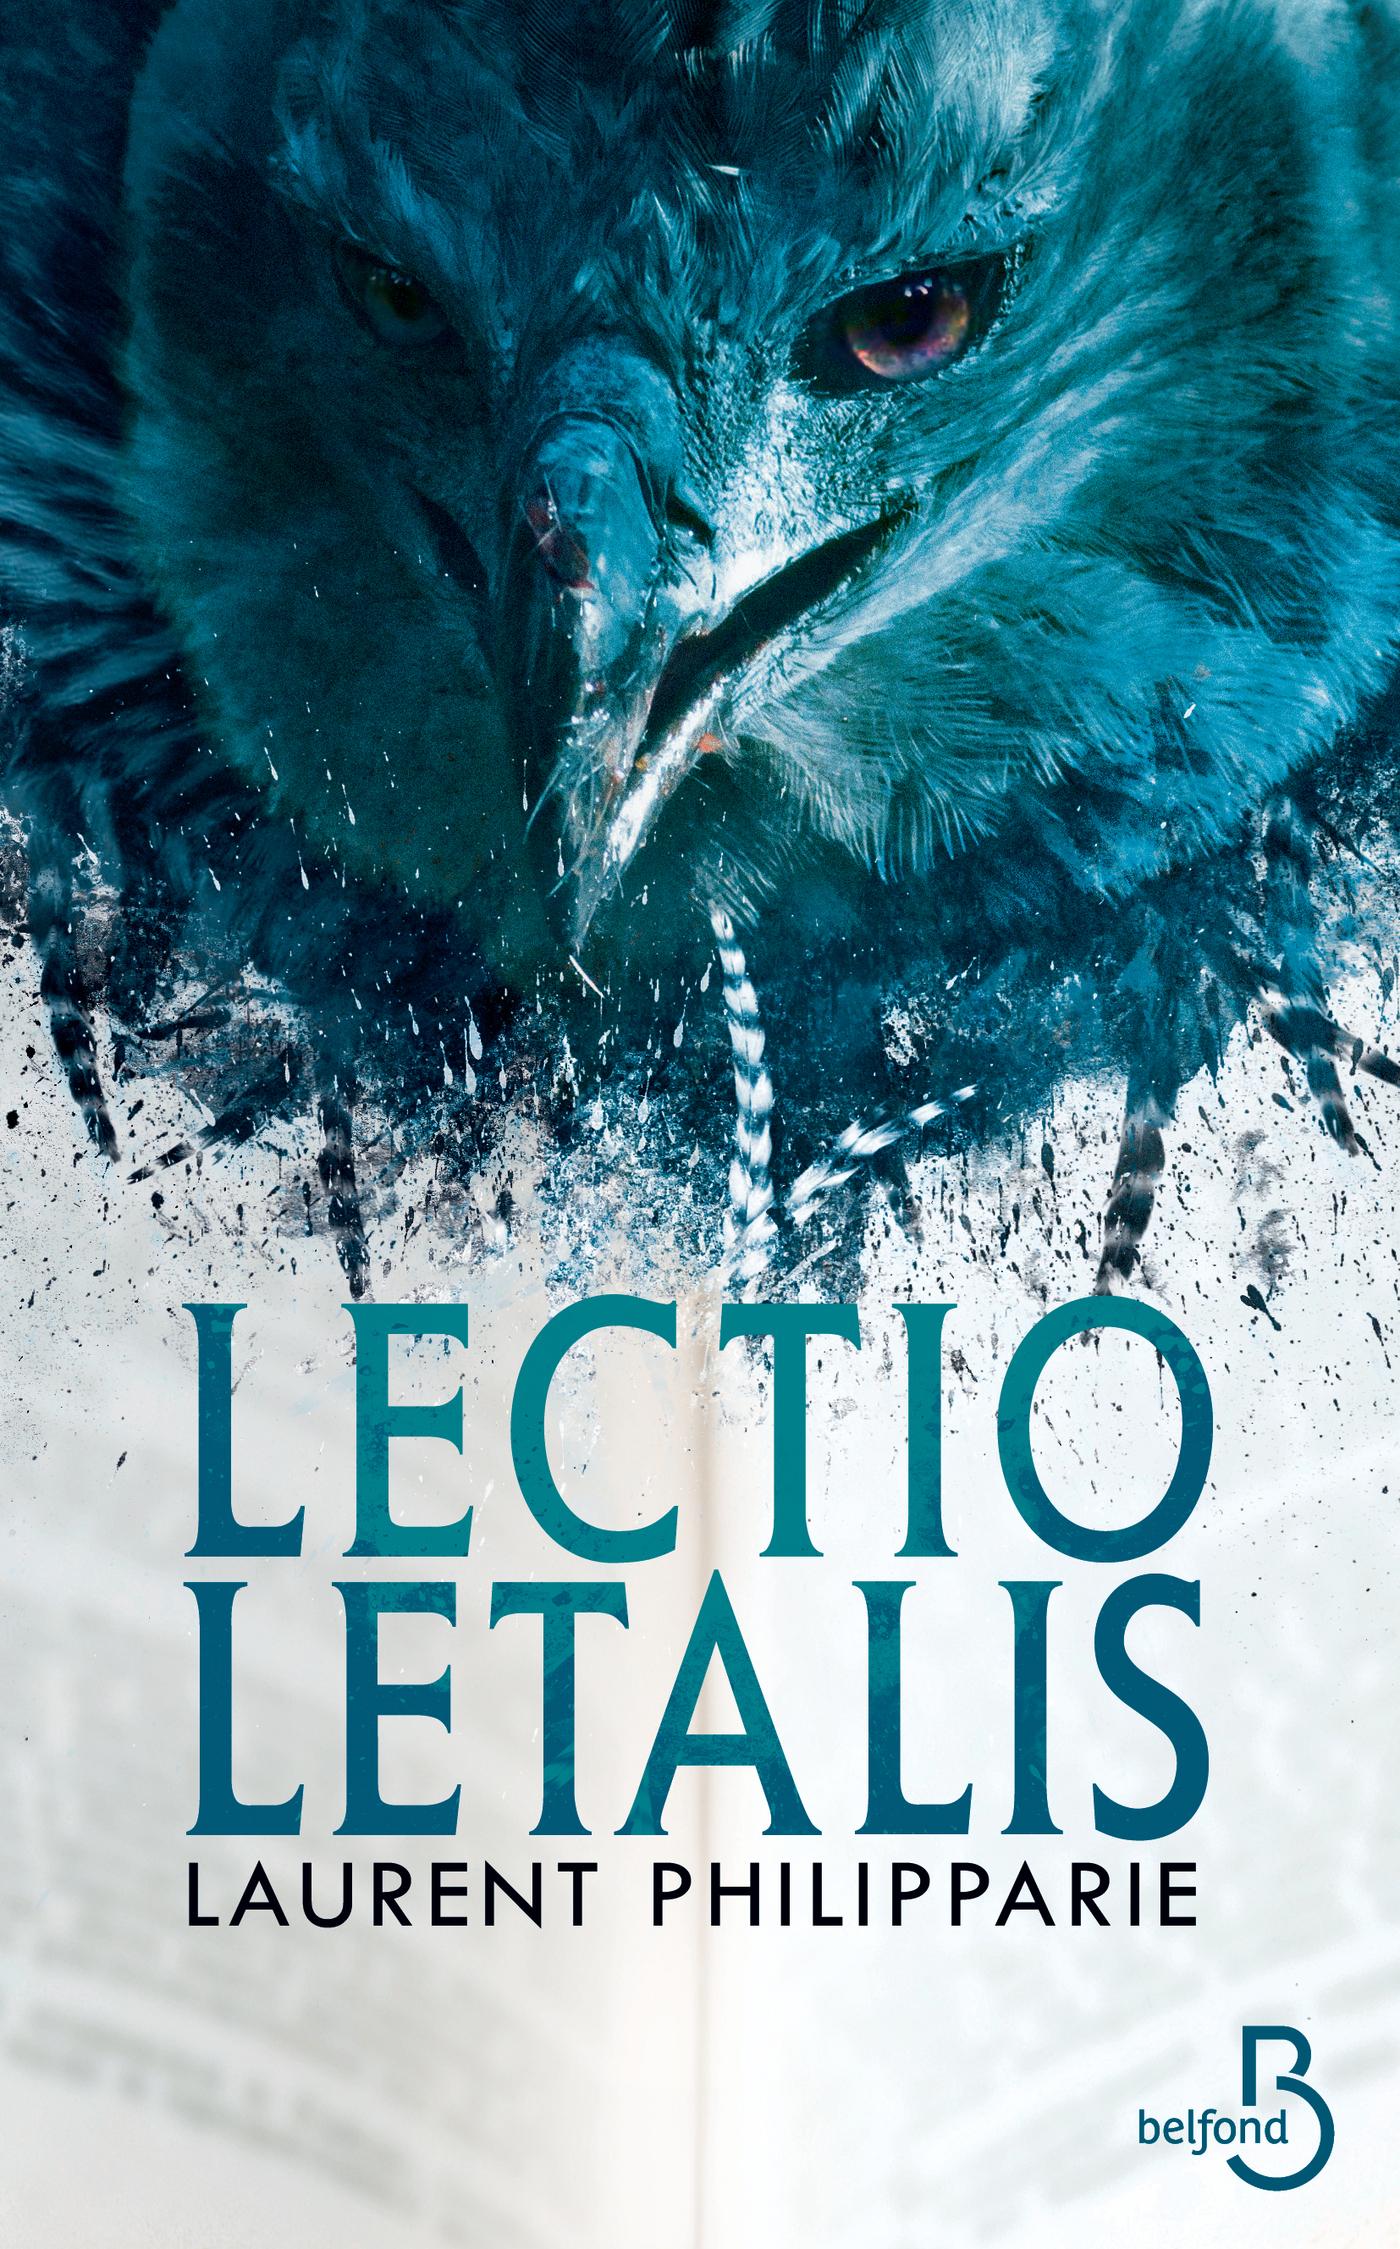 Lectio Letalis | PHILIPPARIE, Laurent